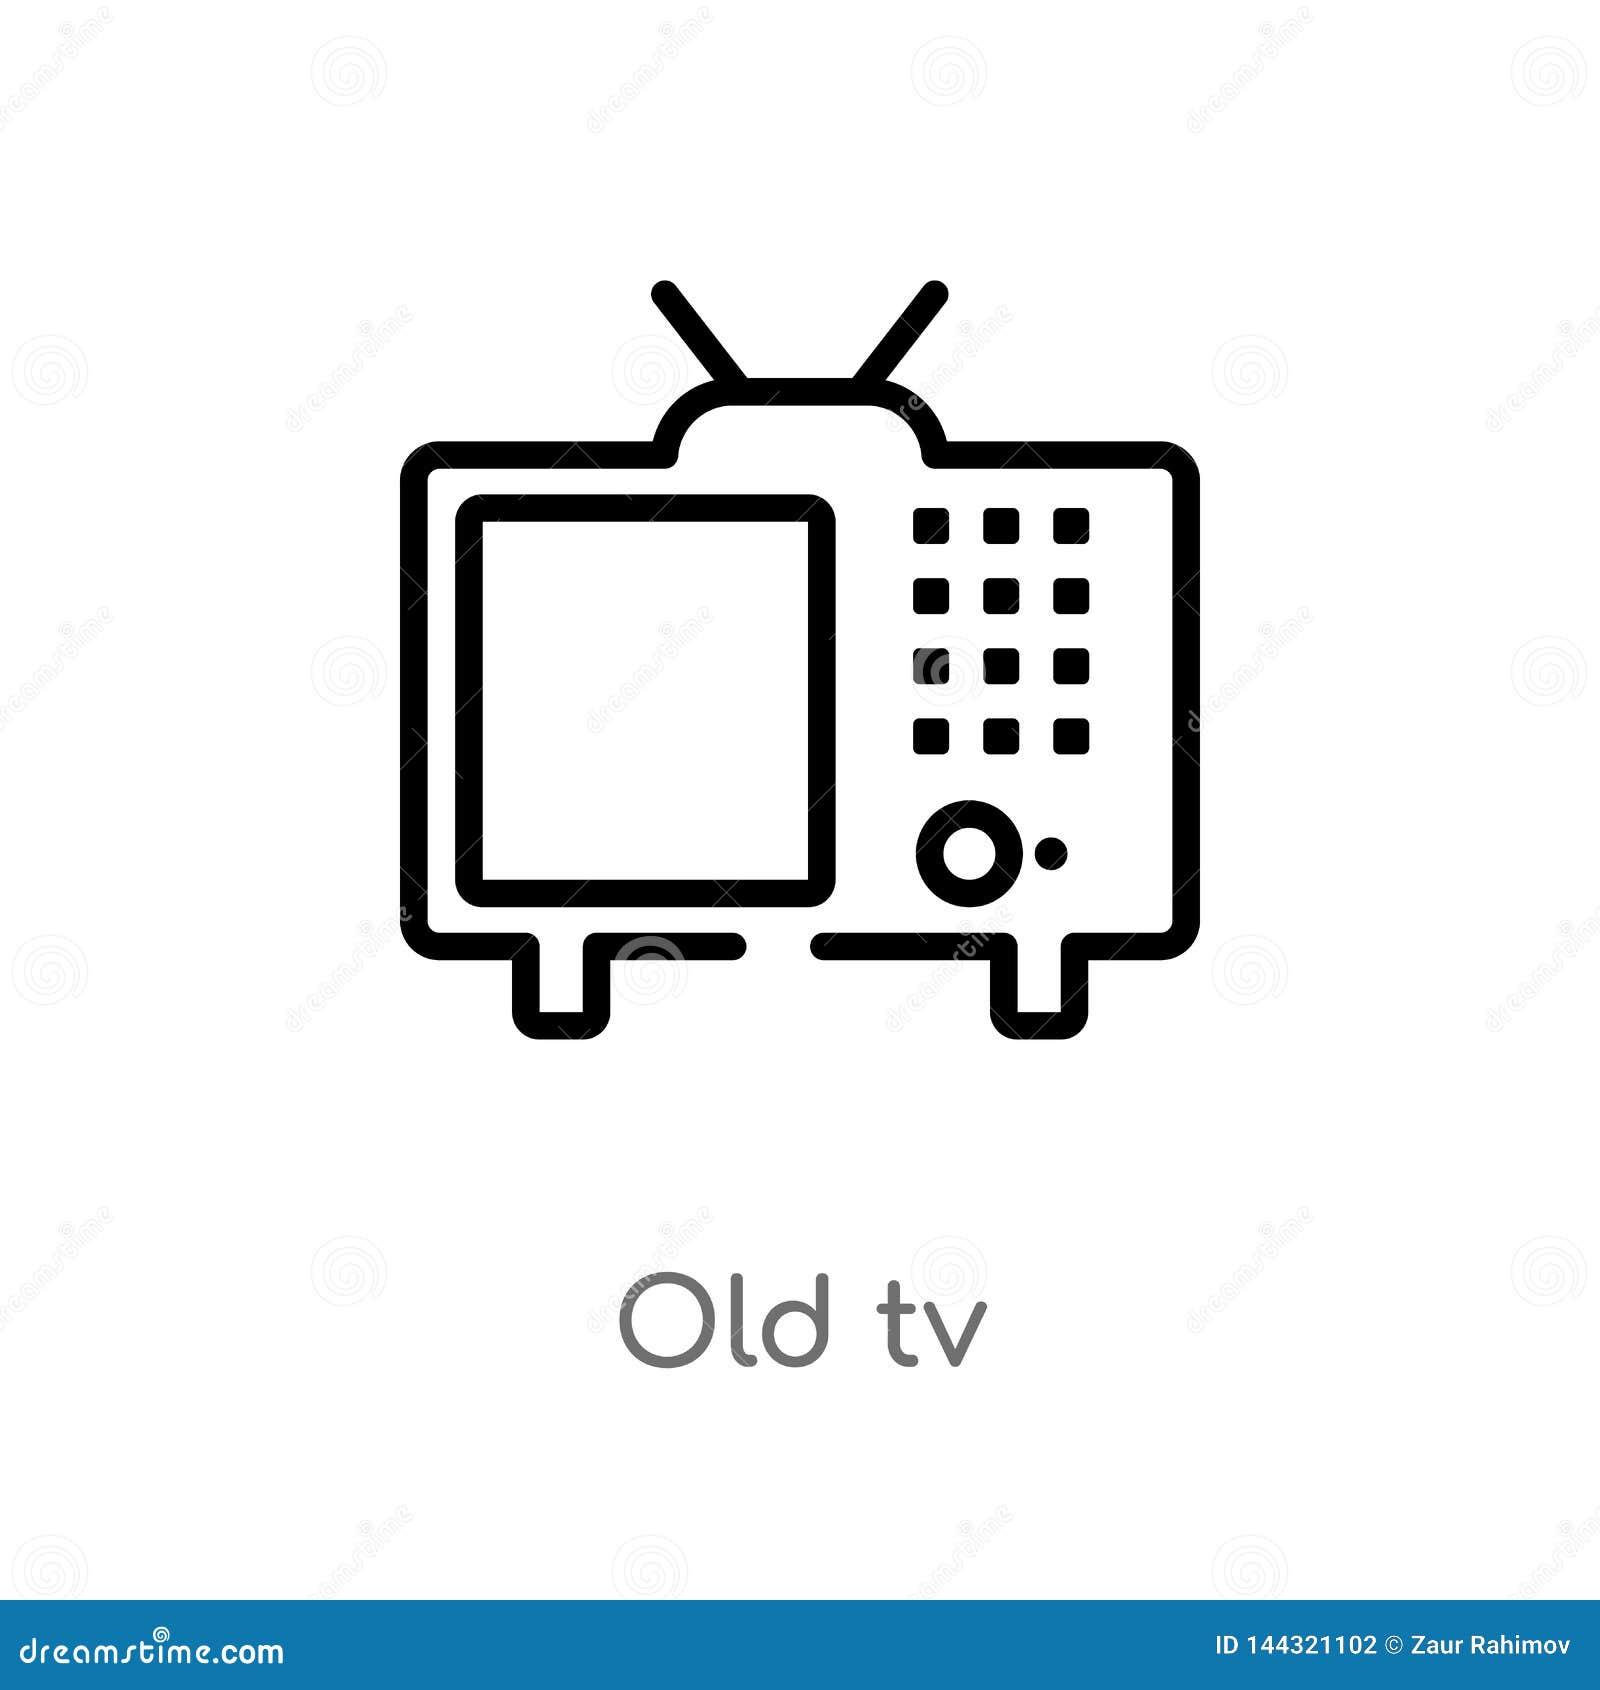 Konturu tv wektoru stara ikona odosobniona czarna prosta kreskowego elementu ilustracja od technologii pojęcia editable wektorowy